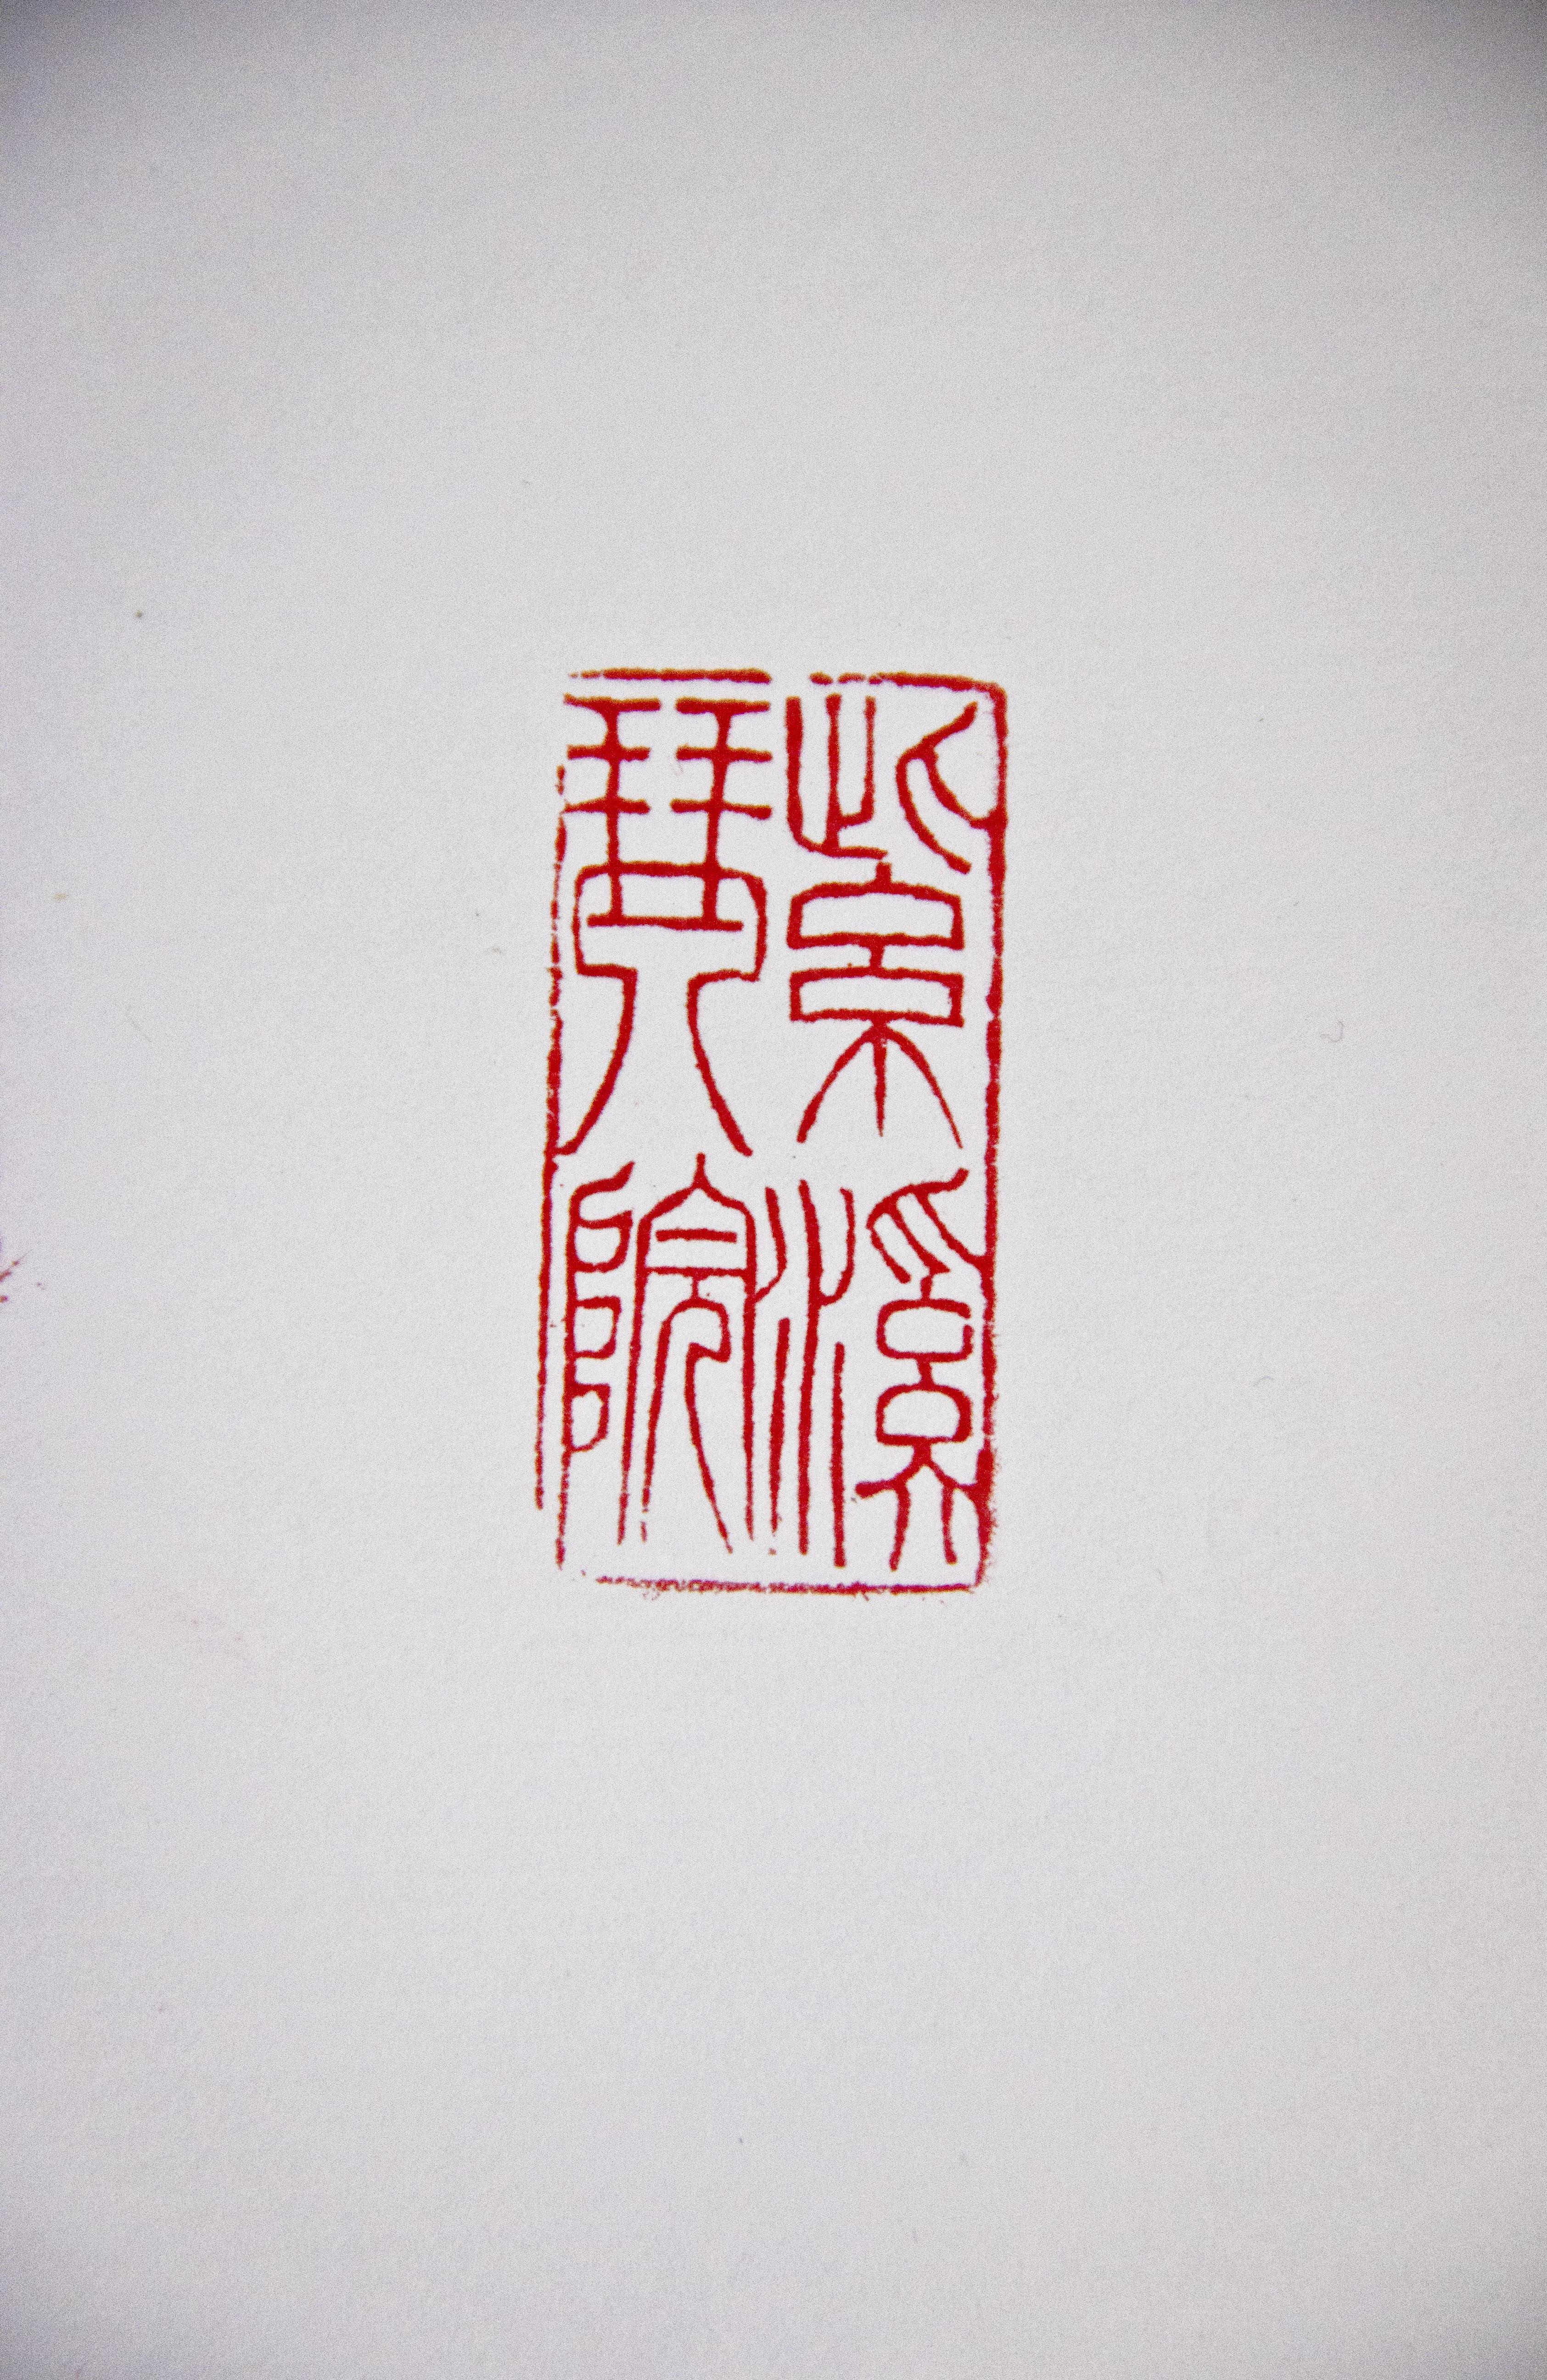 Gambar Putih Jumlah Berwarna Merah Muda Segel Merek Fon